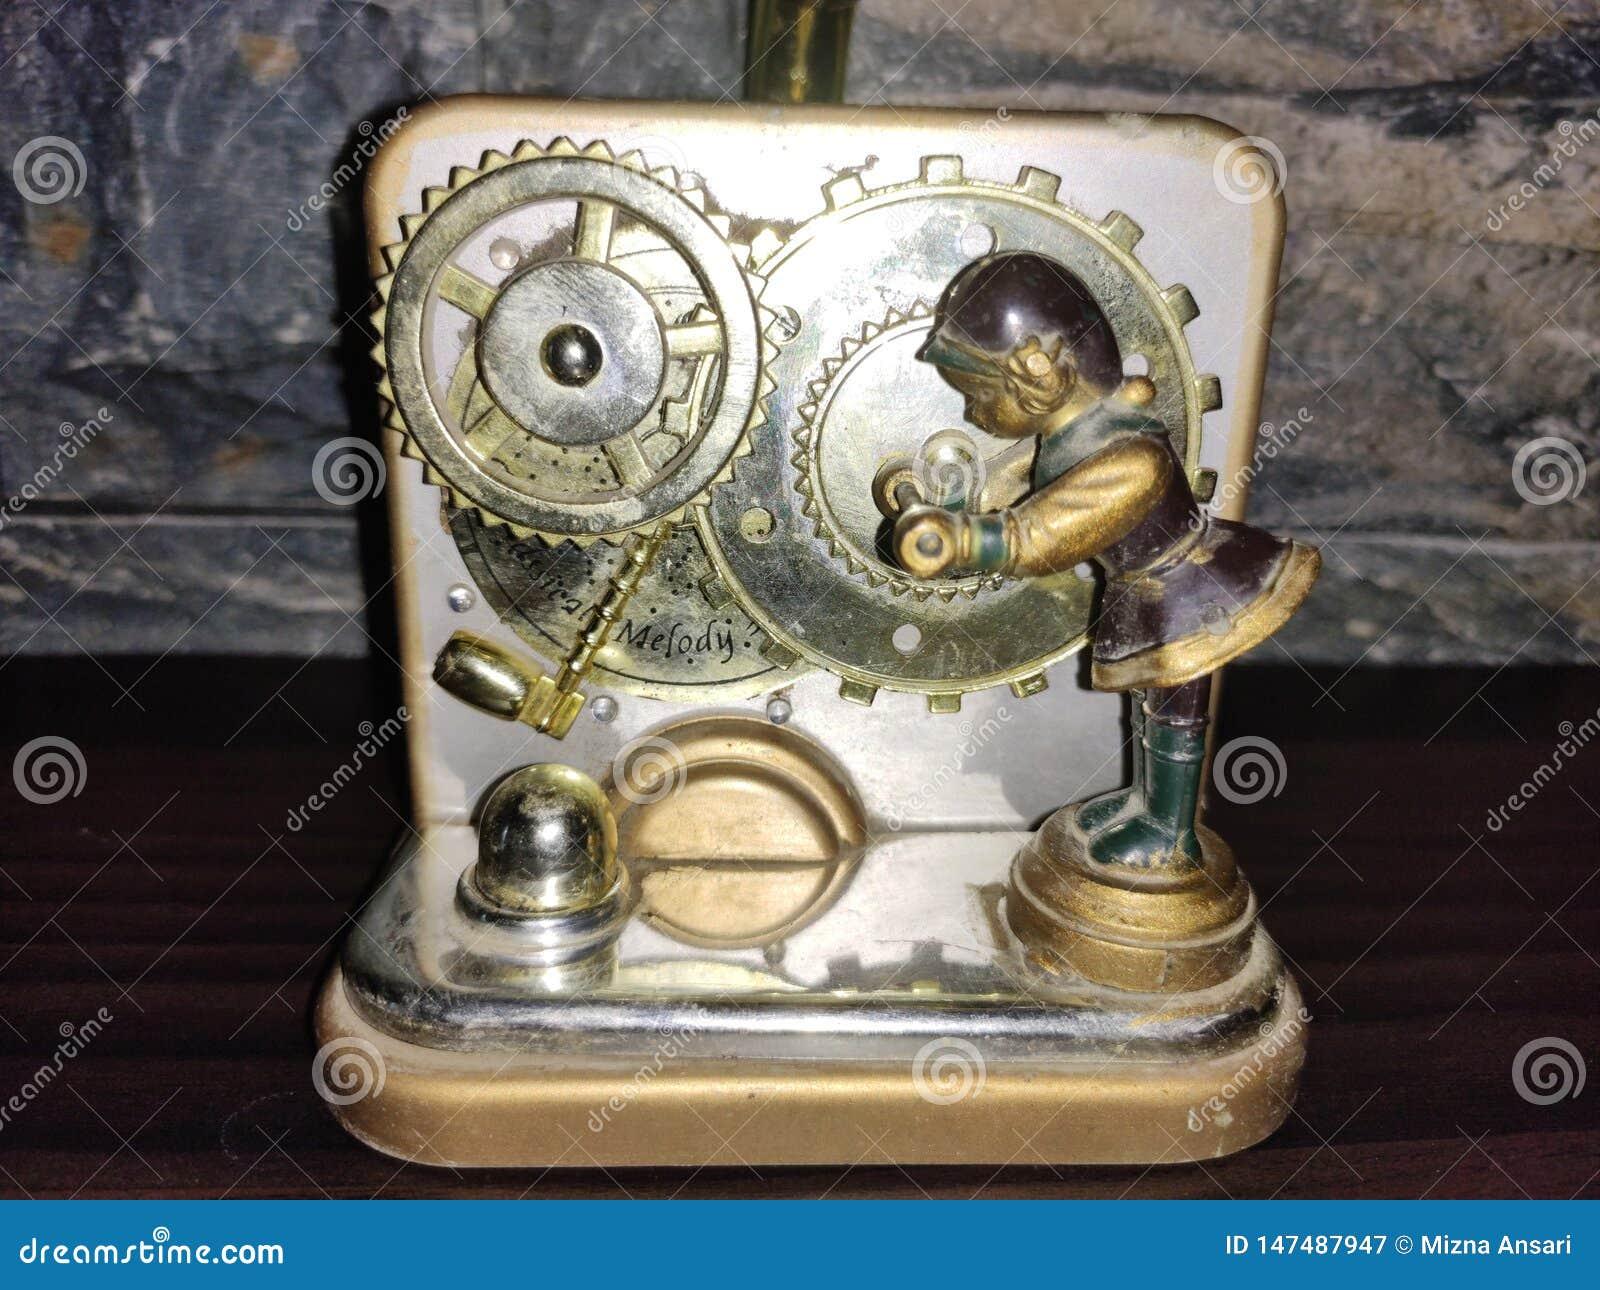 Artificial Gramophone